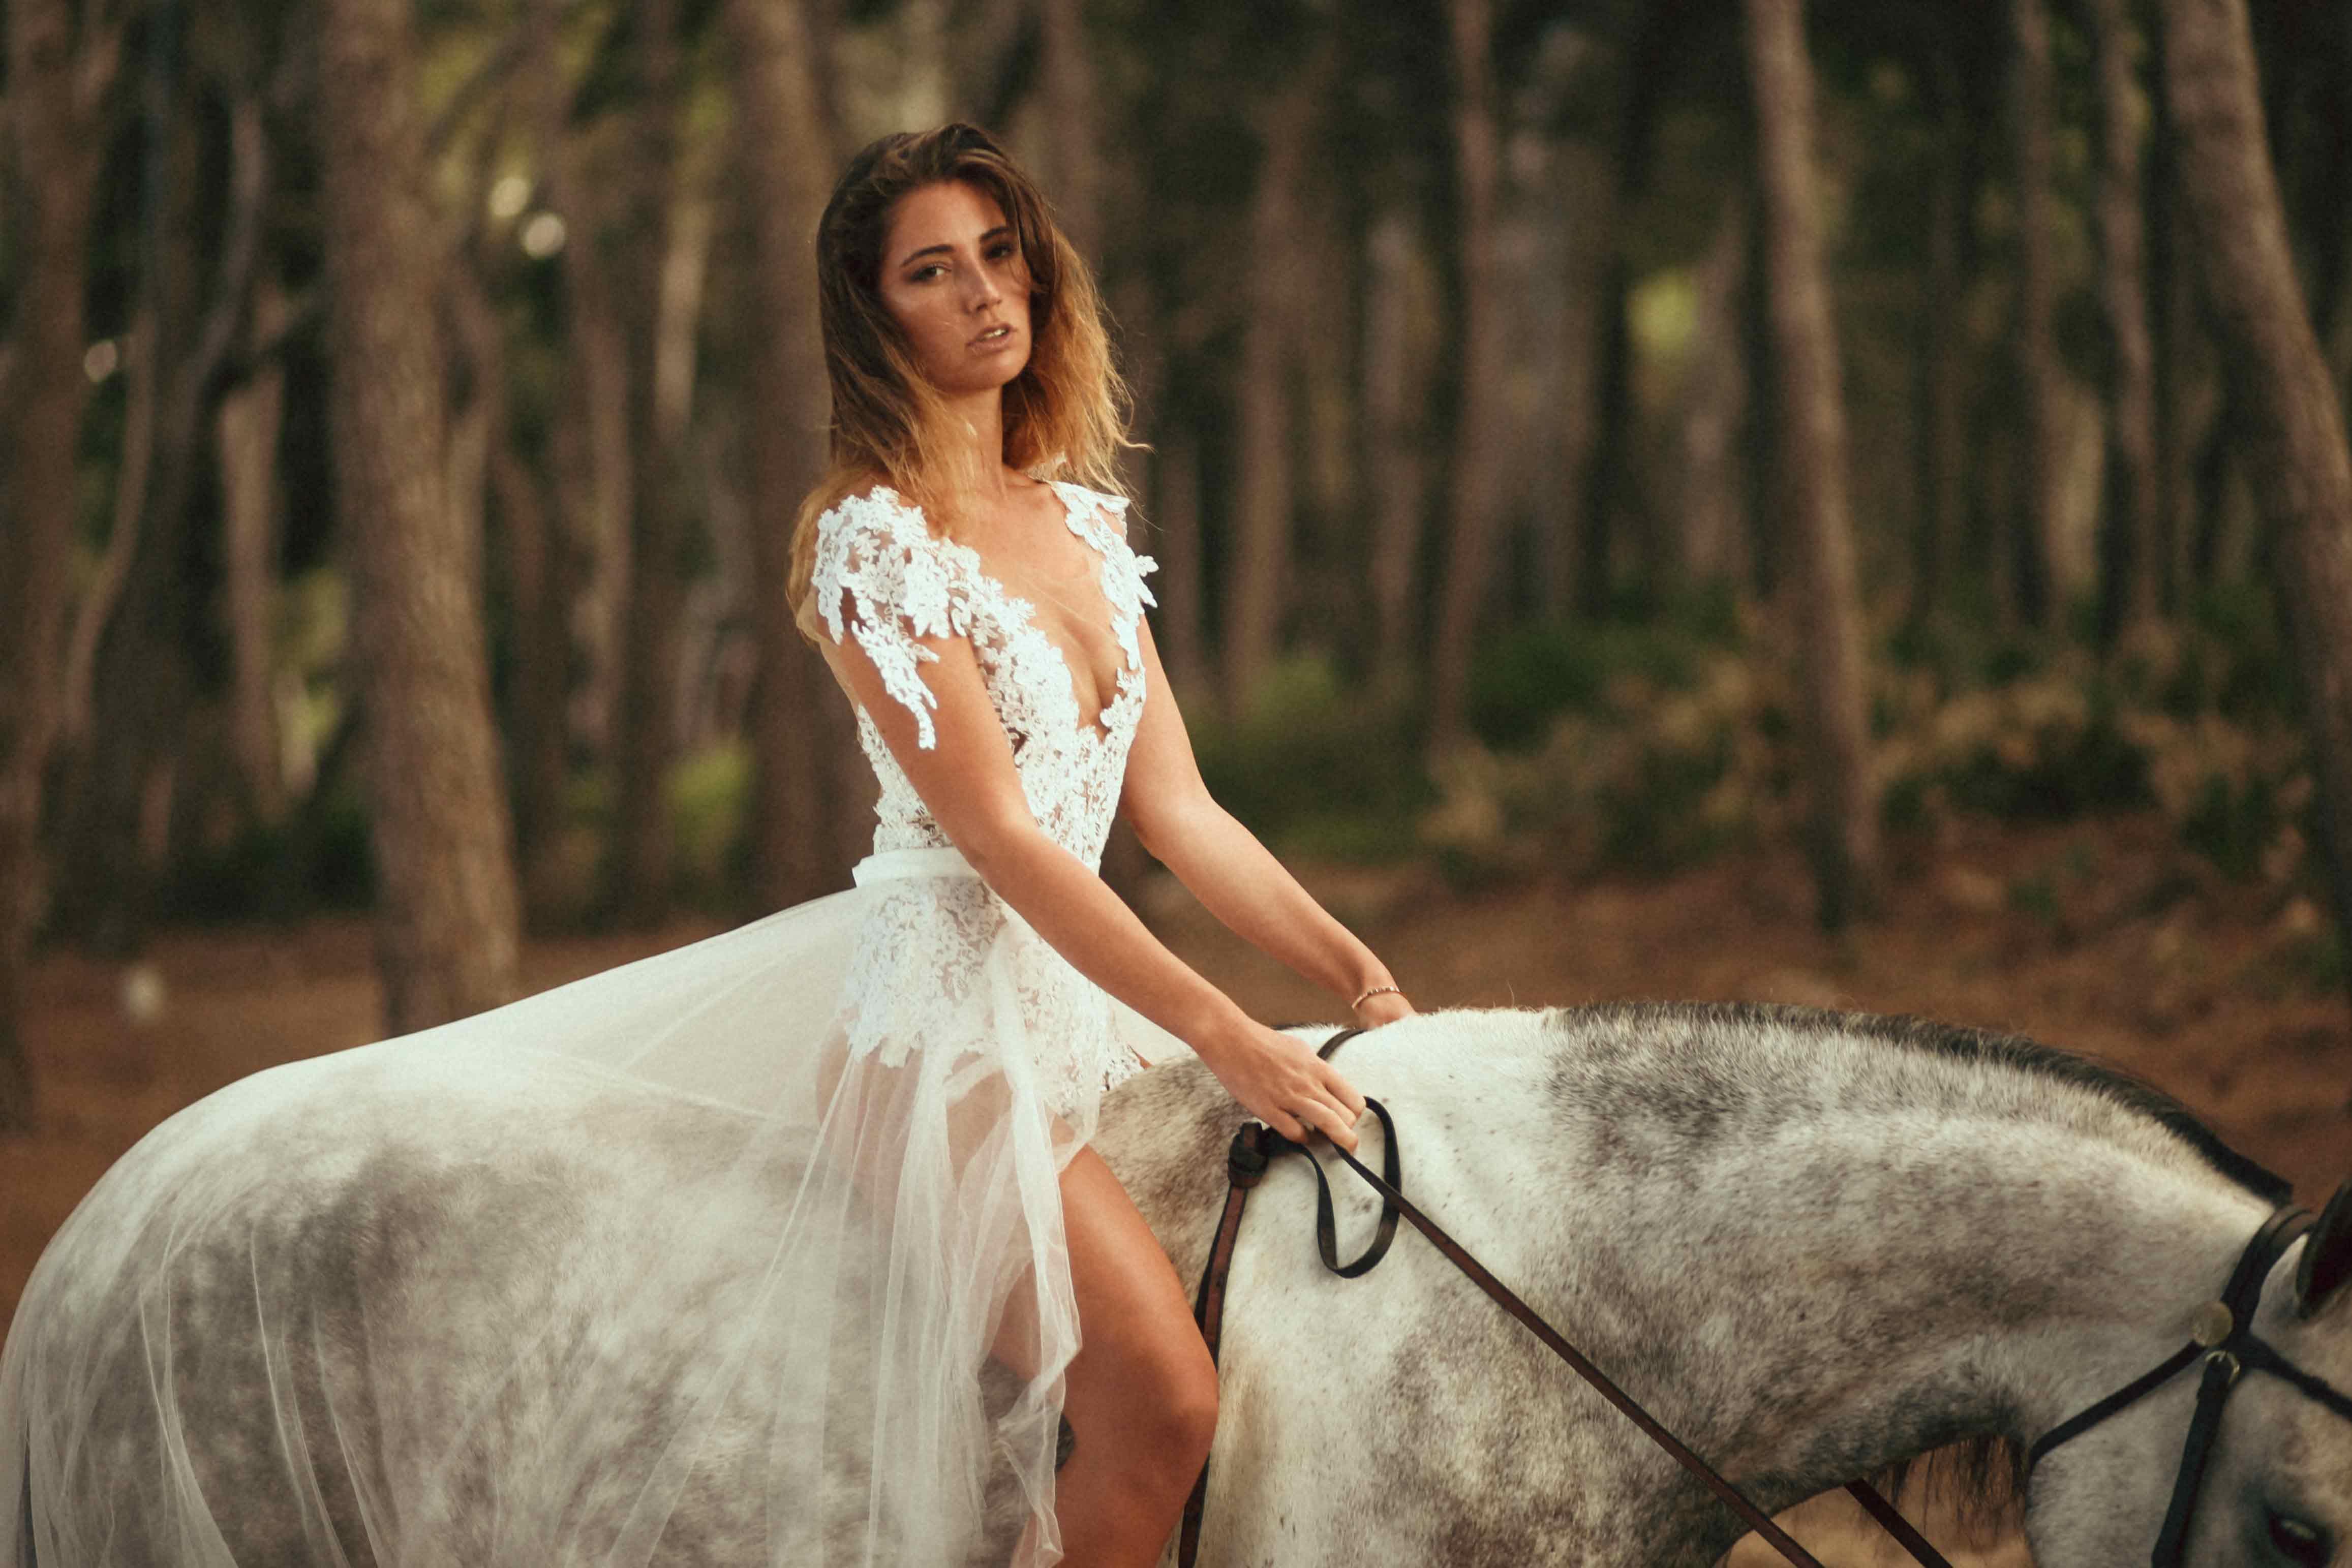 Eine blonde Frau trägt einen Spitzenbody und eine Schleppe als Brautkleid. Sie sitzt auf den Rücken eines Schimmels in einem spanischen Wald.